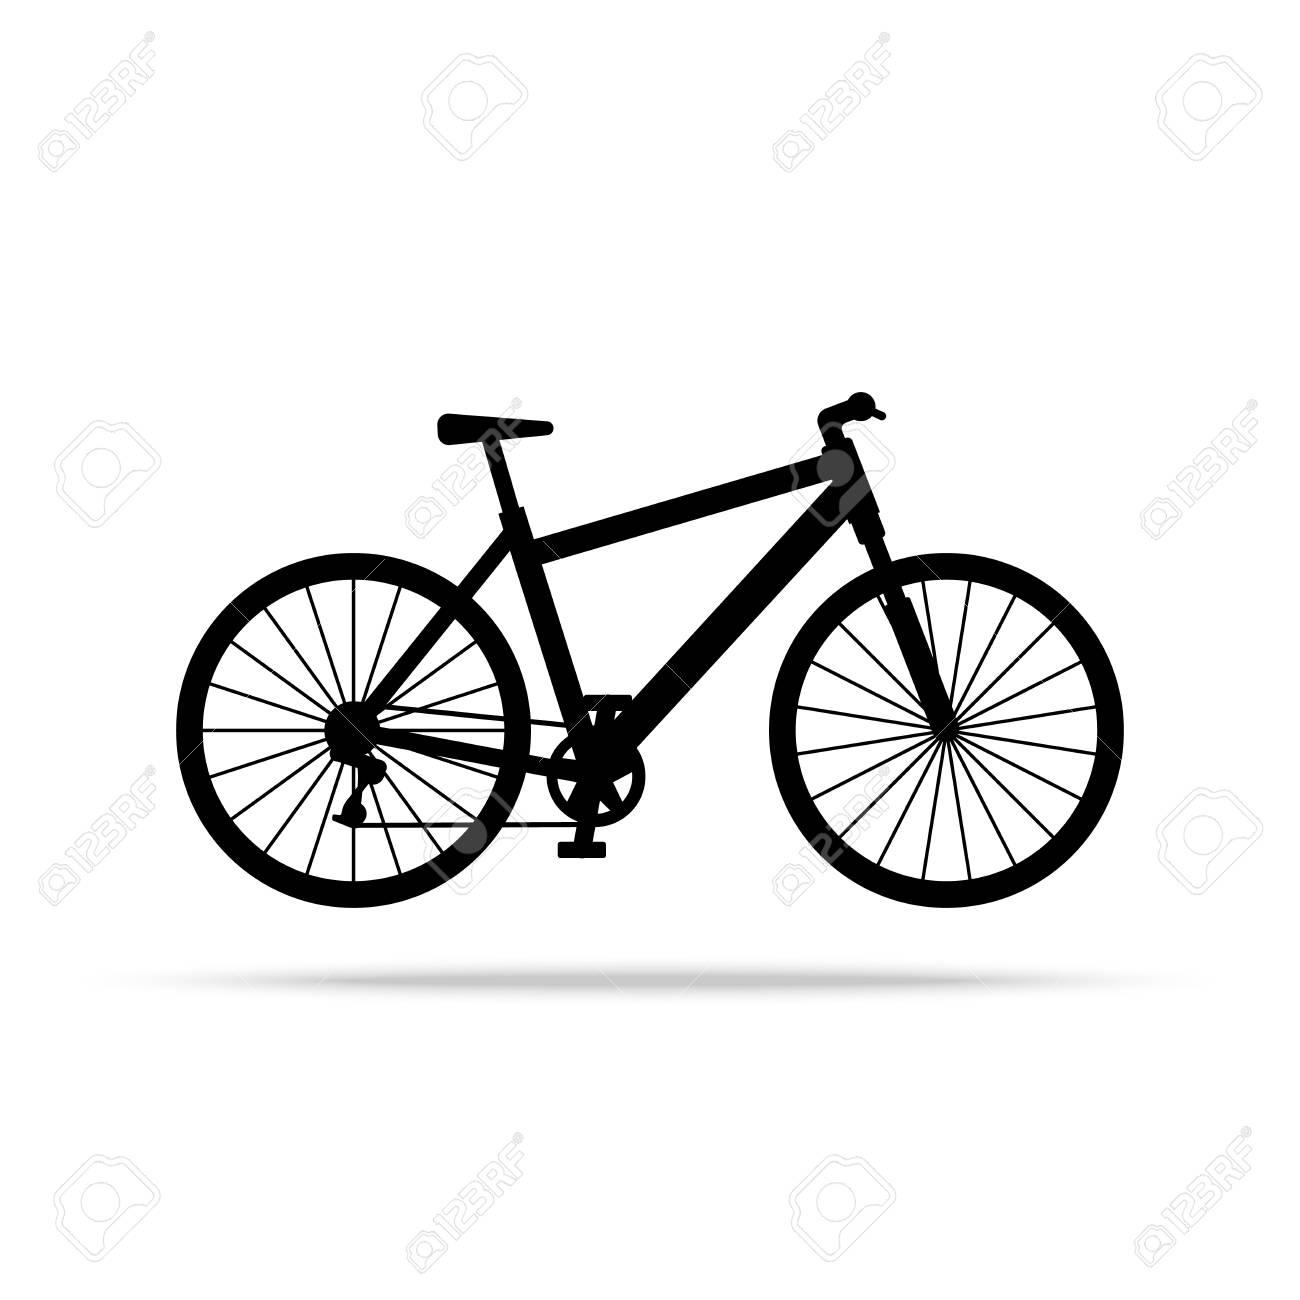 Icona Della Bicicletta Vettore Della Bici Isolato Su Priorità Bassa Bianca Illustrazione Vettoriale Piatta In Nero Eps 10